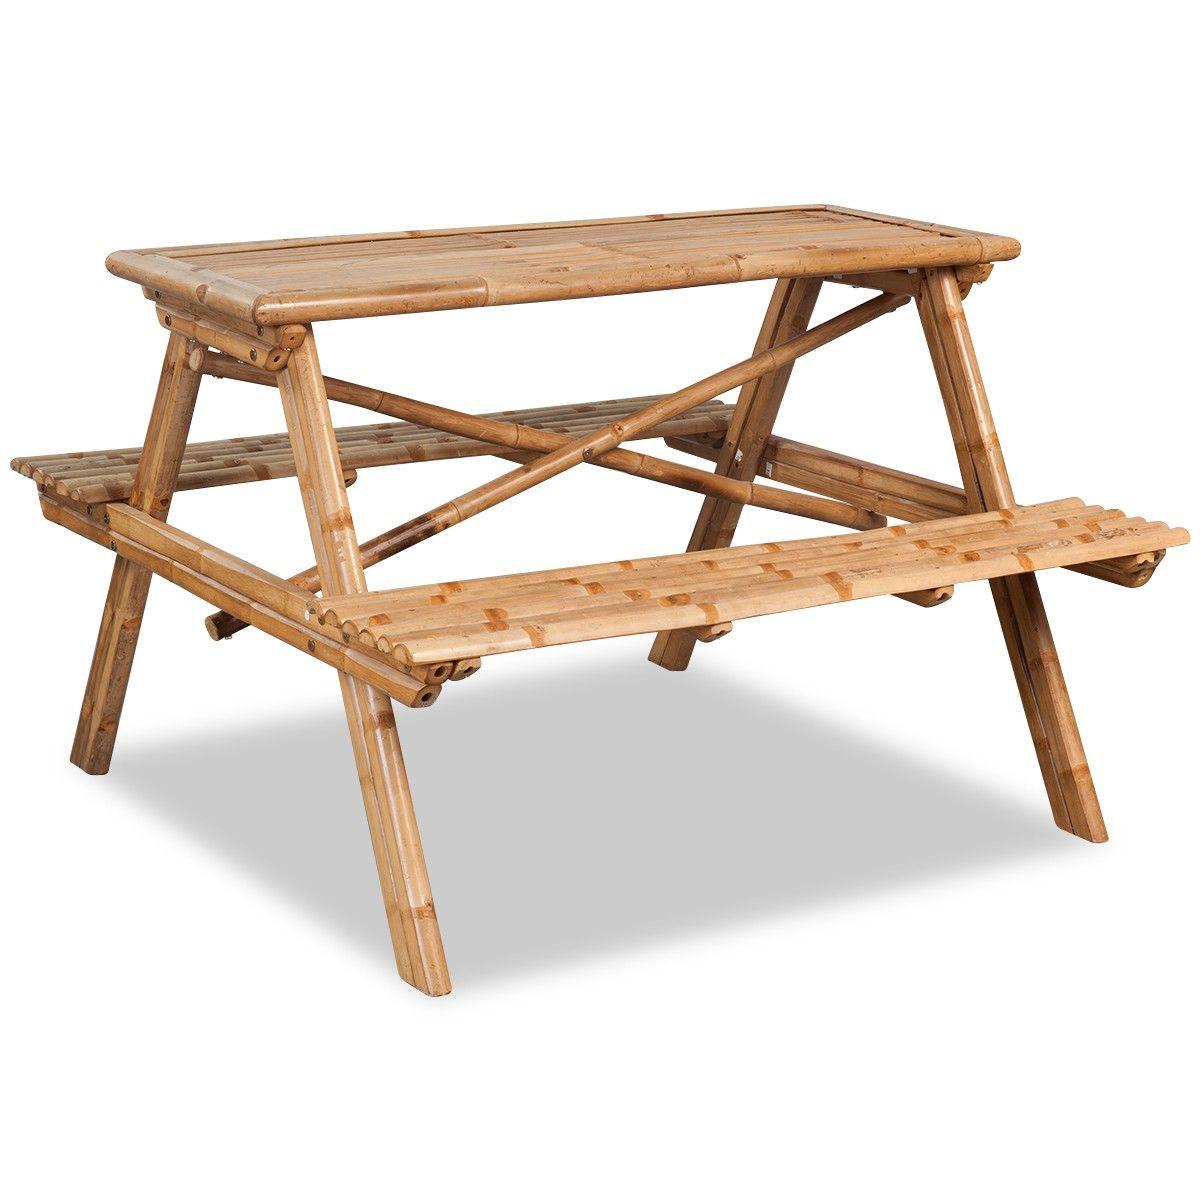 d5a8f6fef vidaXL Piknikbord bambus 120x120x78 cm (42505) | FINN.no